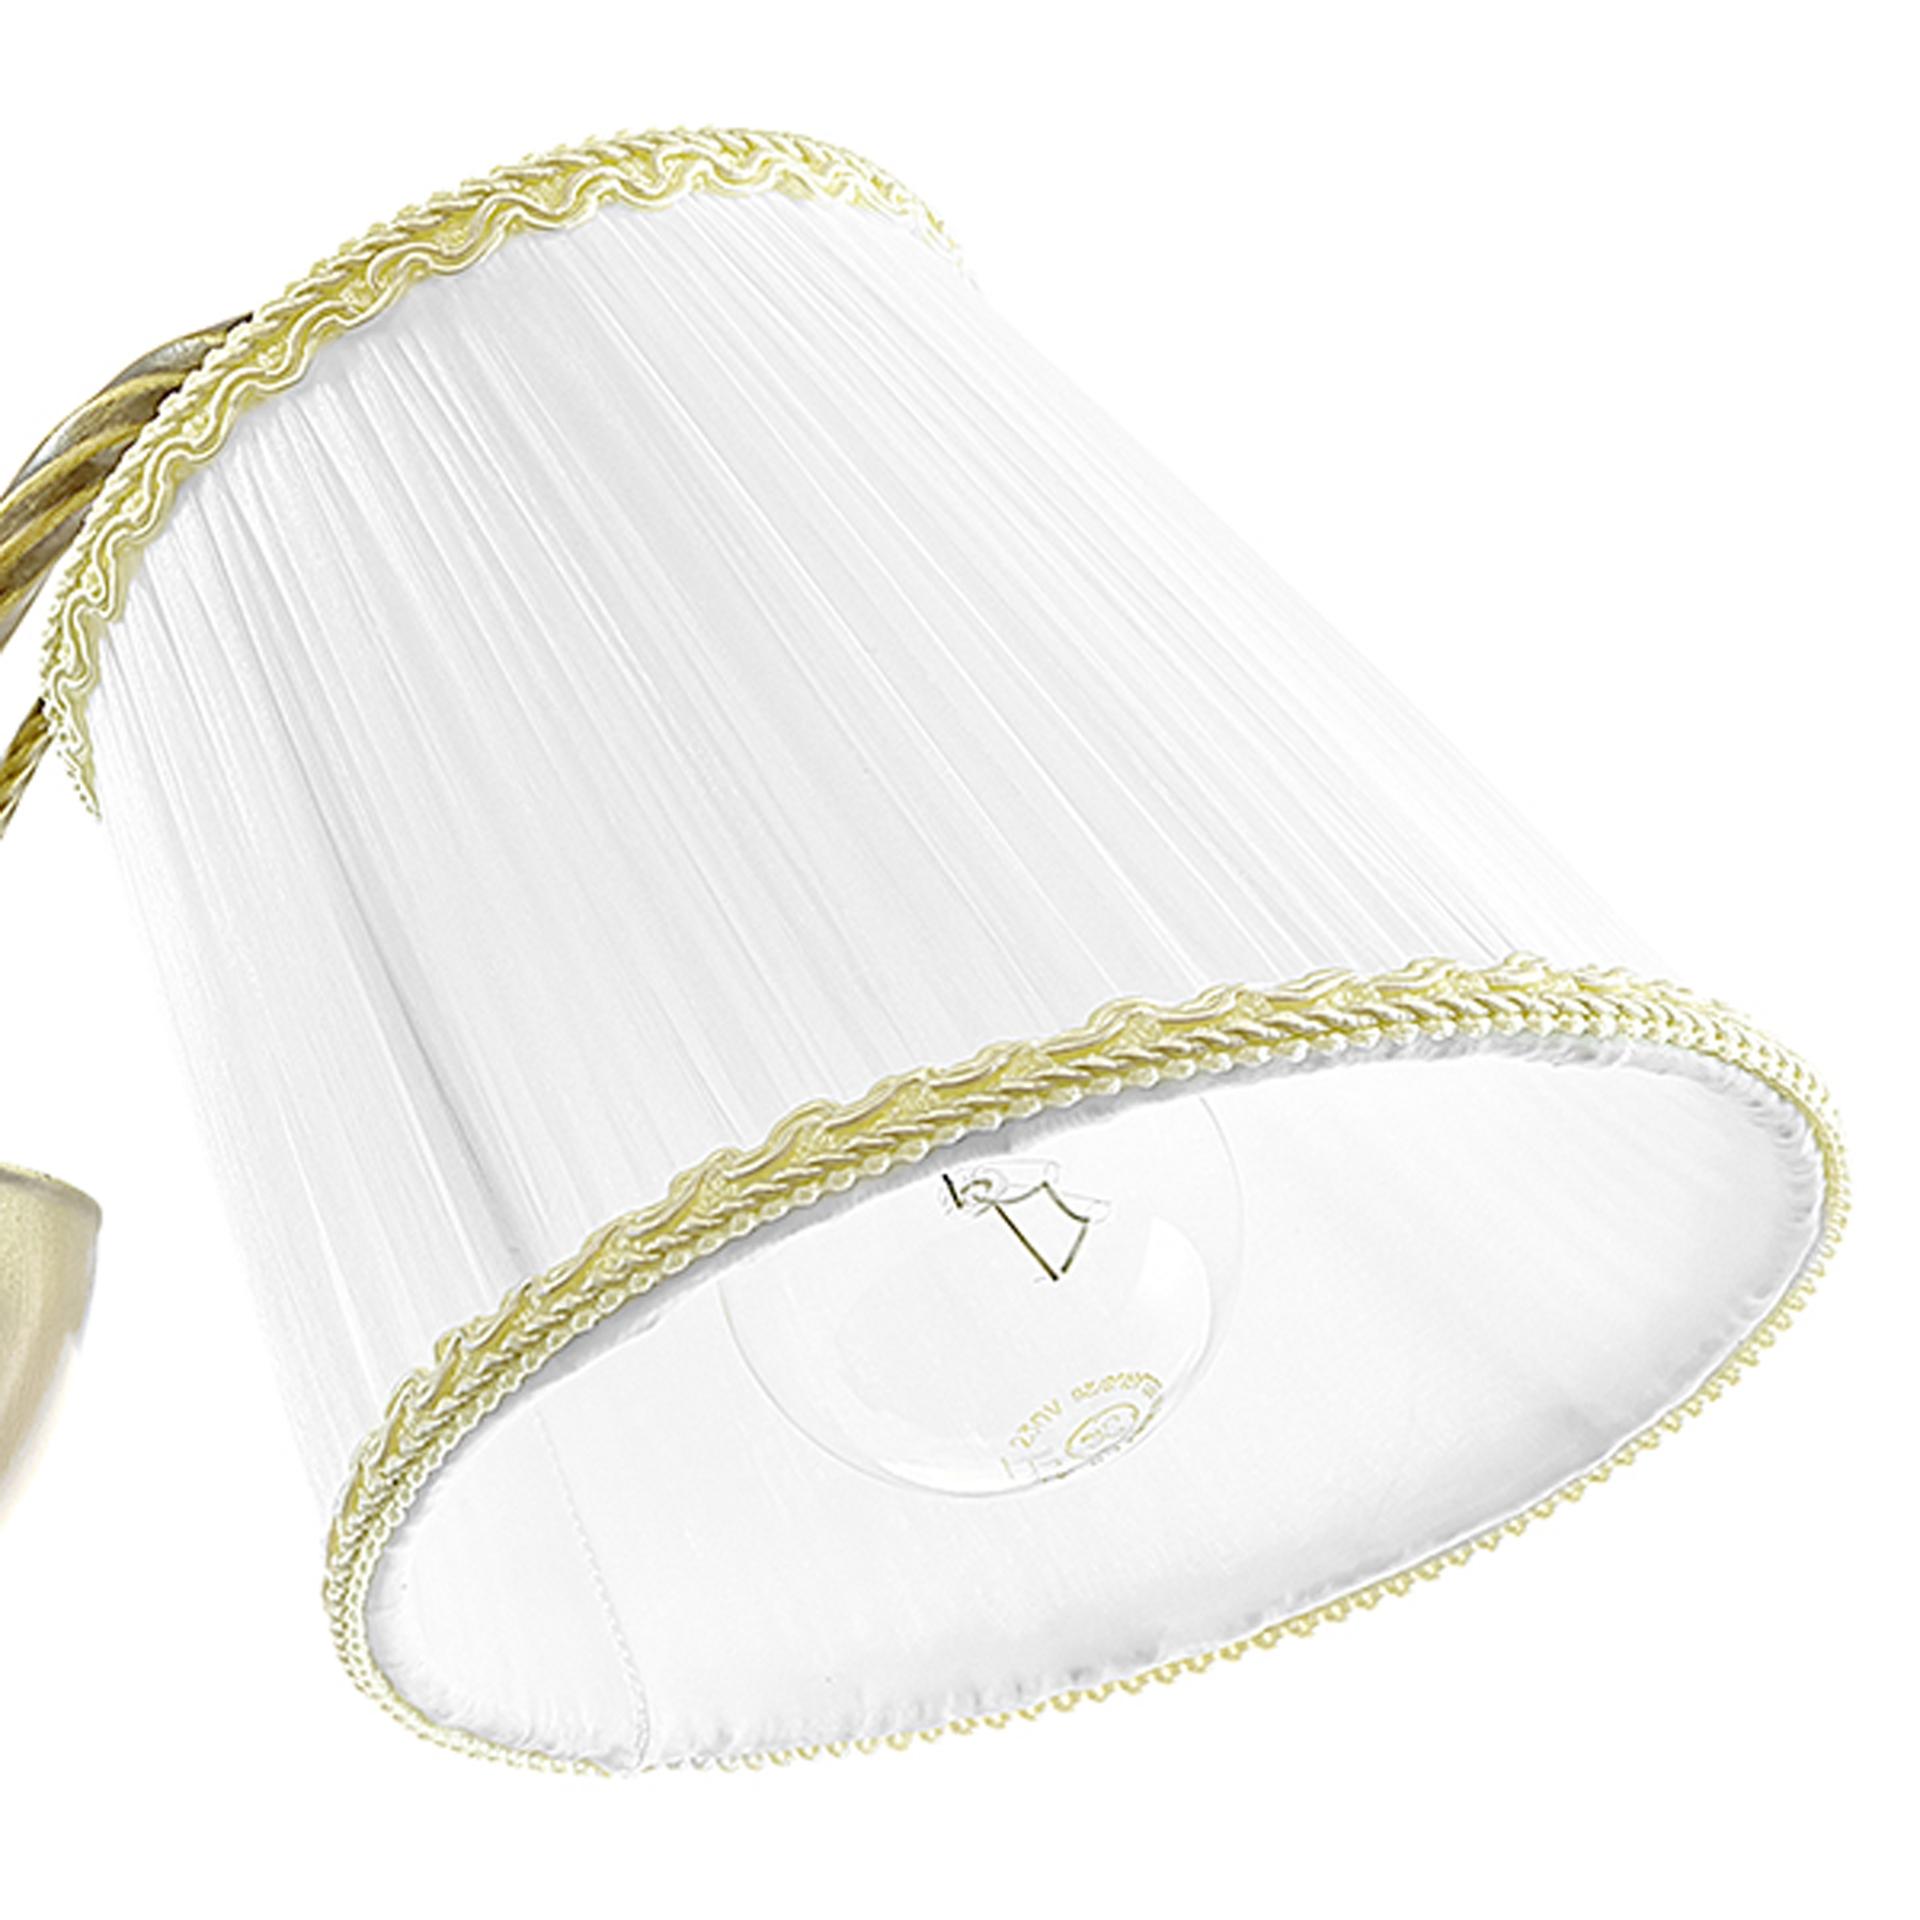 Бра Esedra Lightstar 796621, купить в СПб, Москве, с доставкой, Санкт-Петербург, интернет-магазин люстр и светильников Starlight, фото в жизни